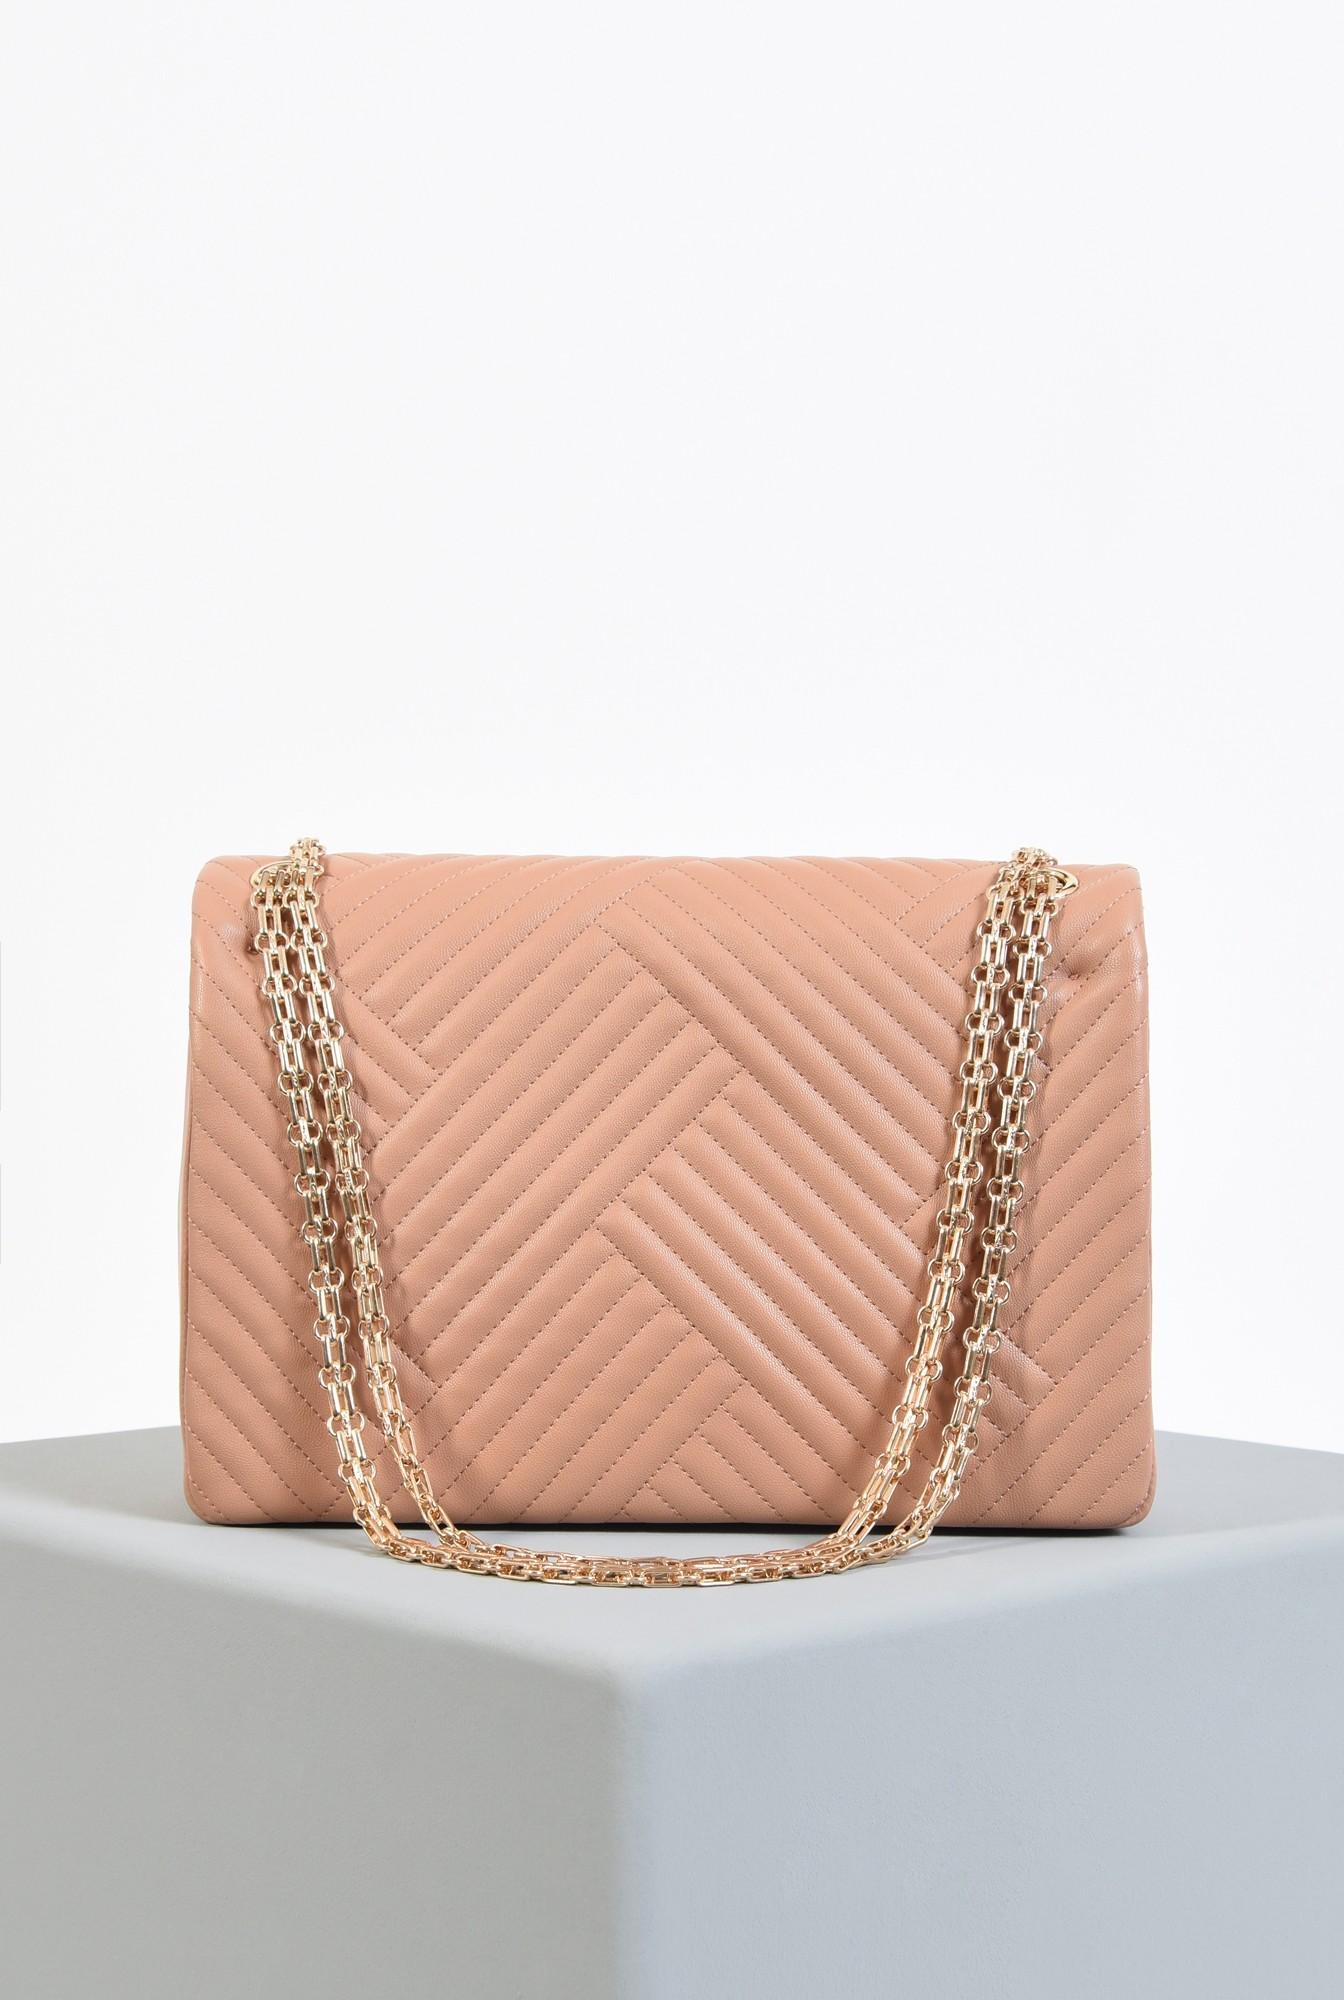 2 - geanta din piele ecologica, roz nude, cu lant, detalii metalice aurii, geanta de umar